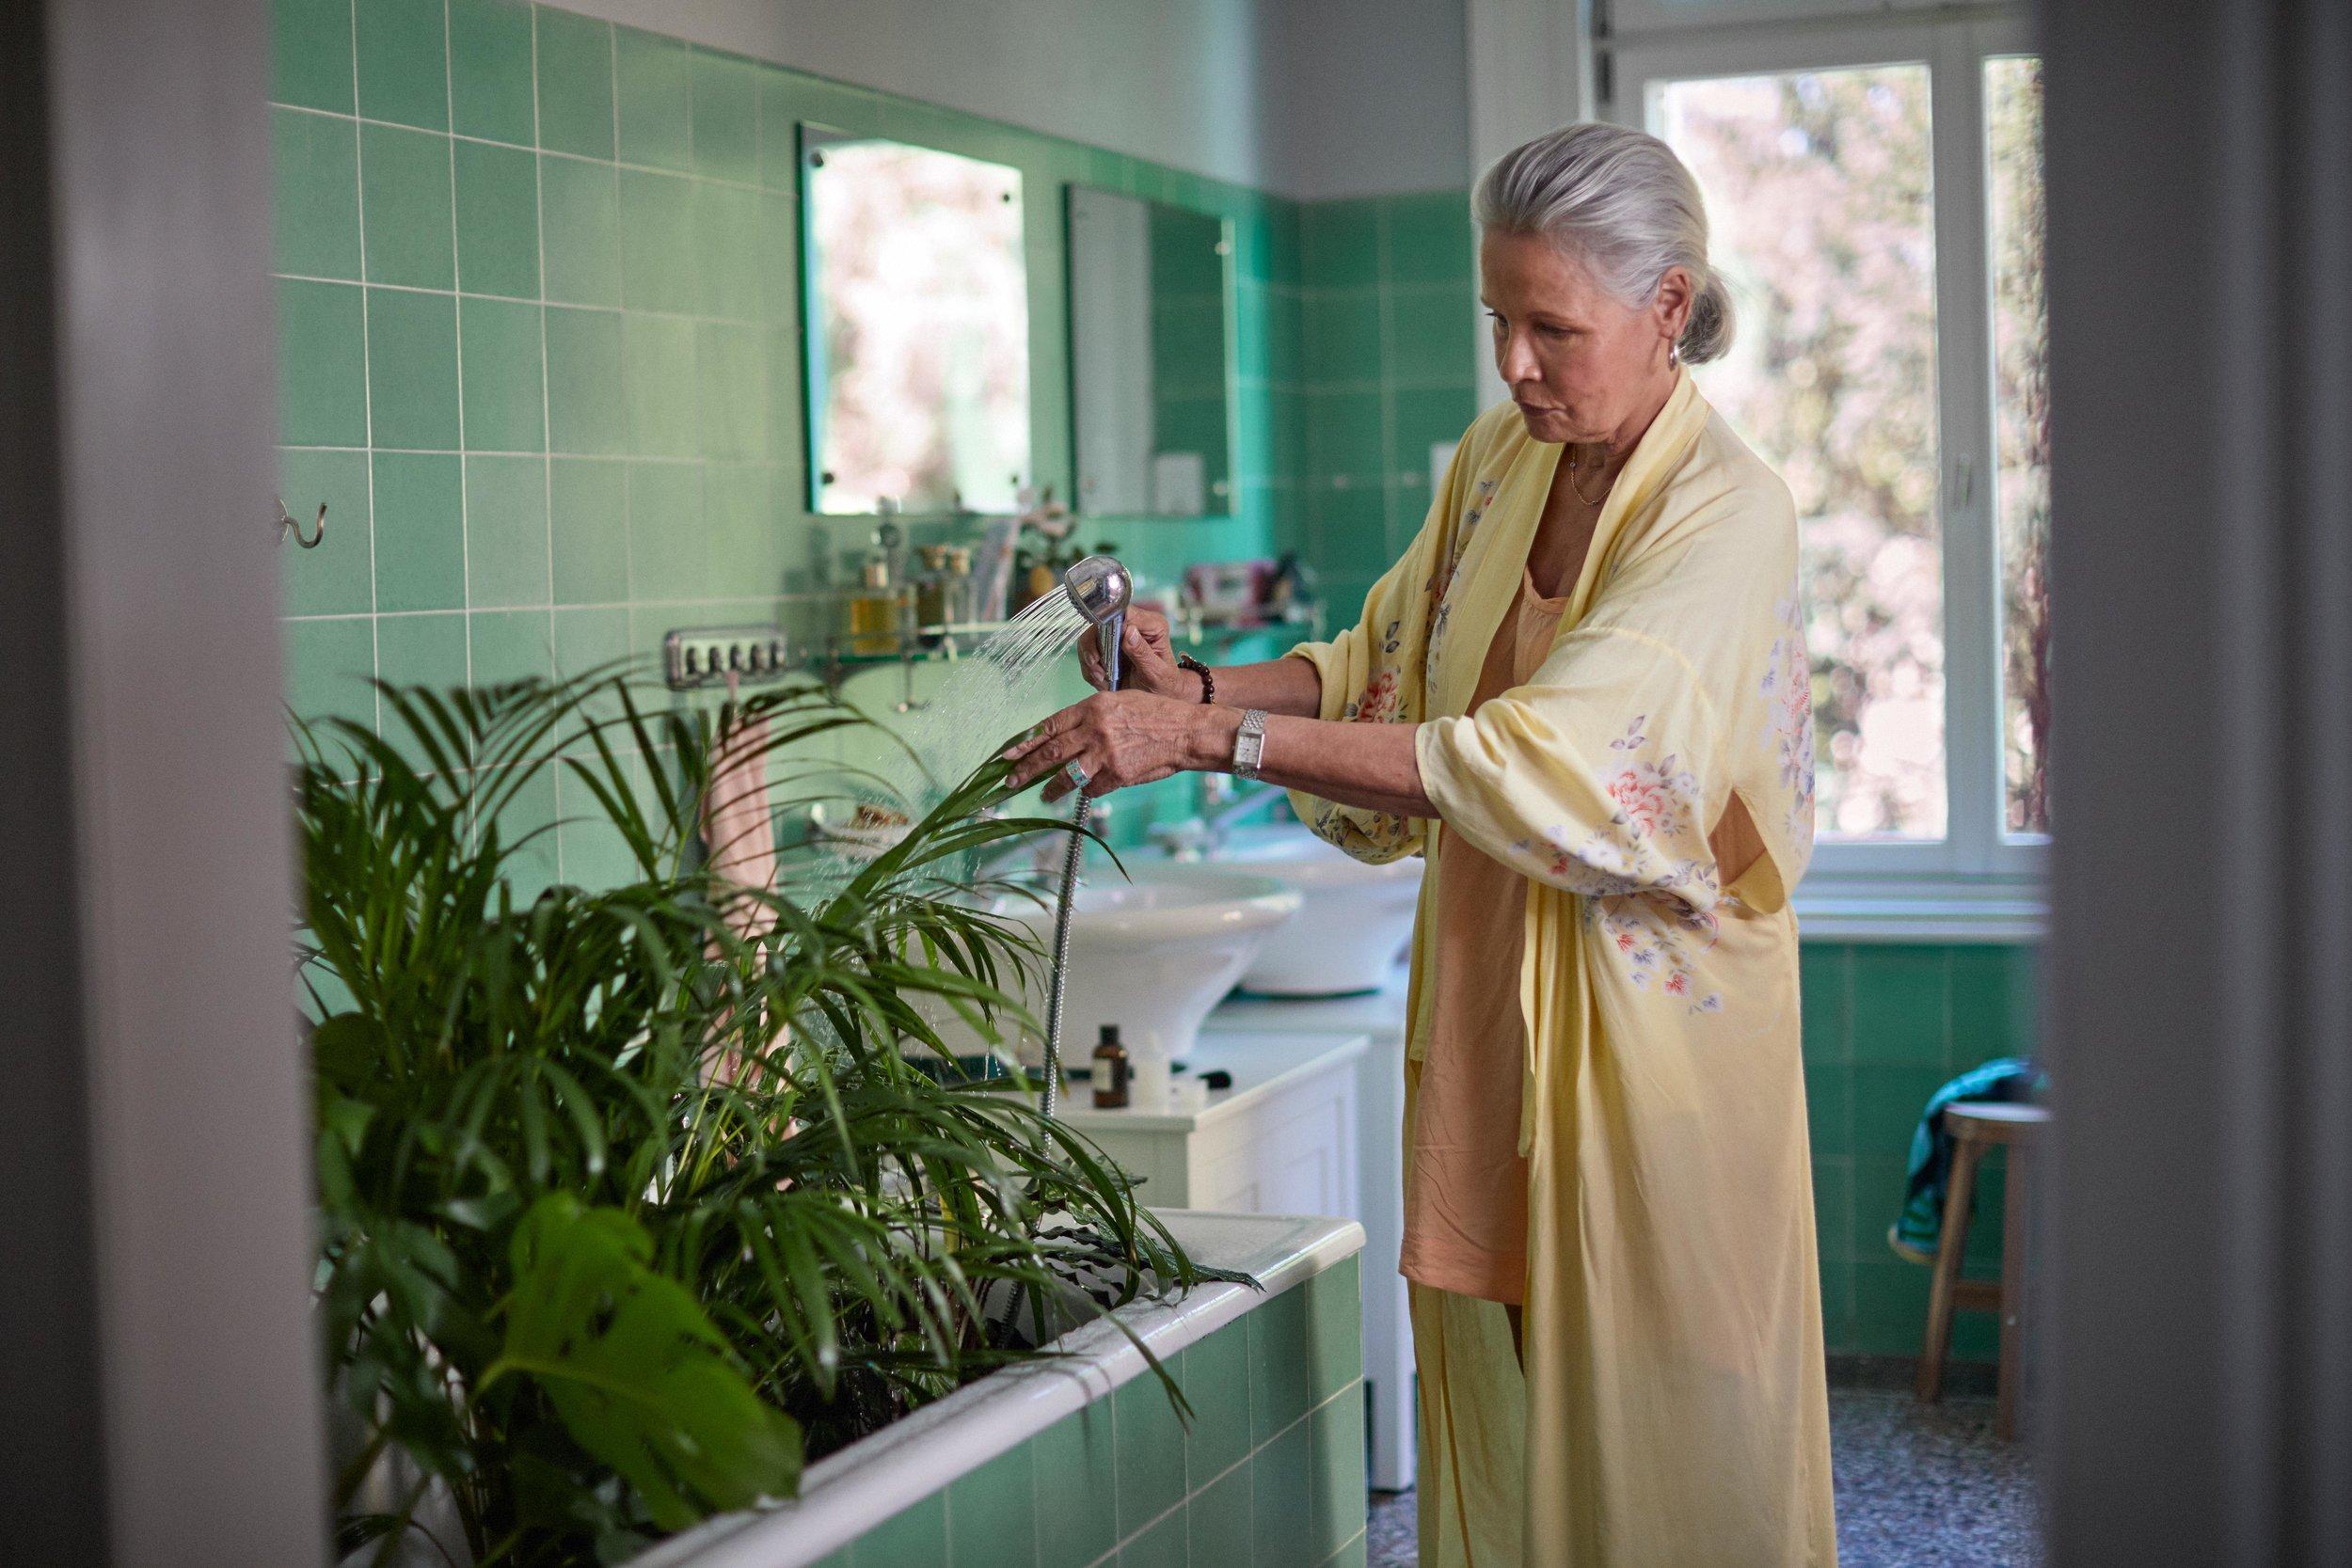 #1+WOMAN+WATERING+PLANTS9968+WARMERcopy